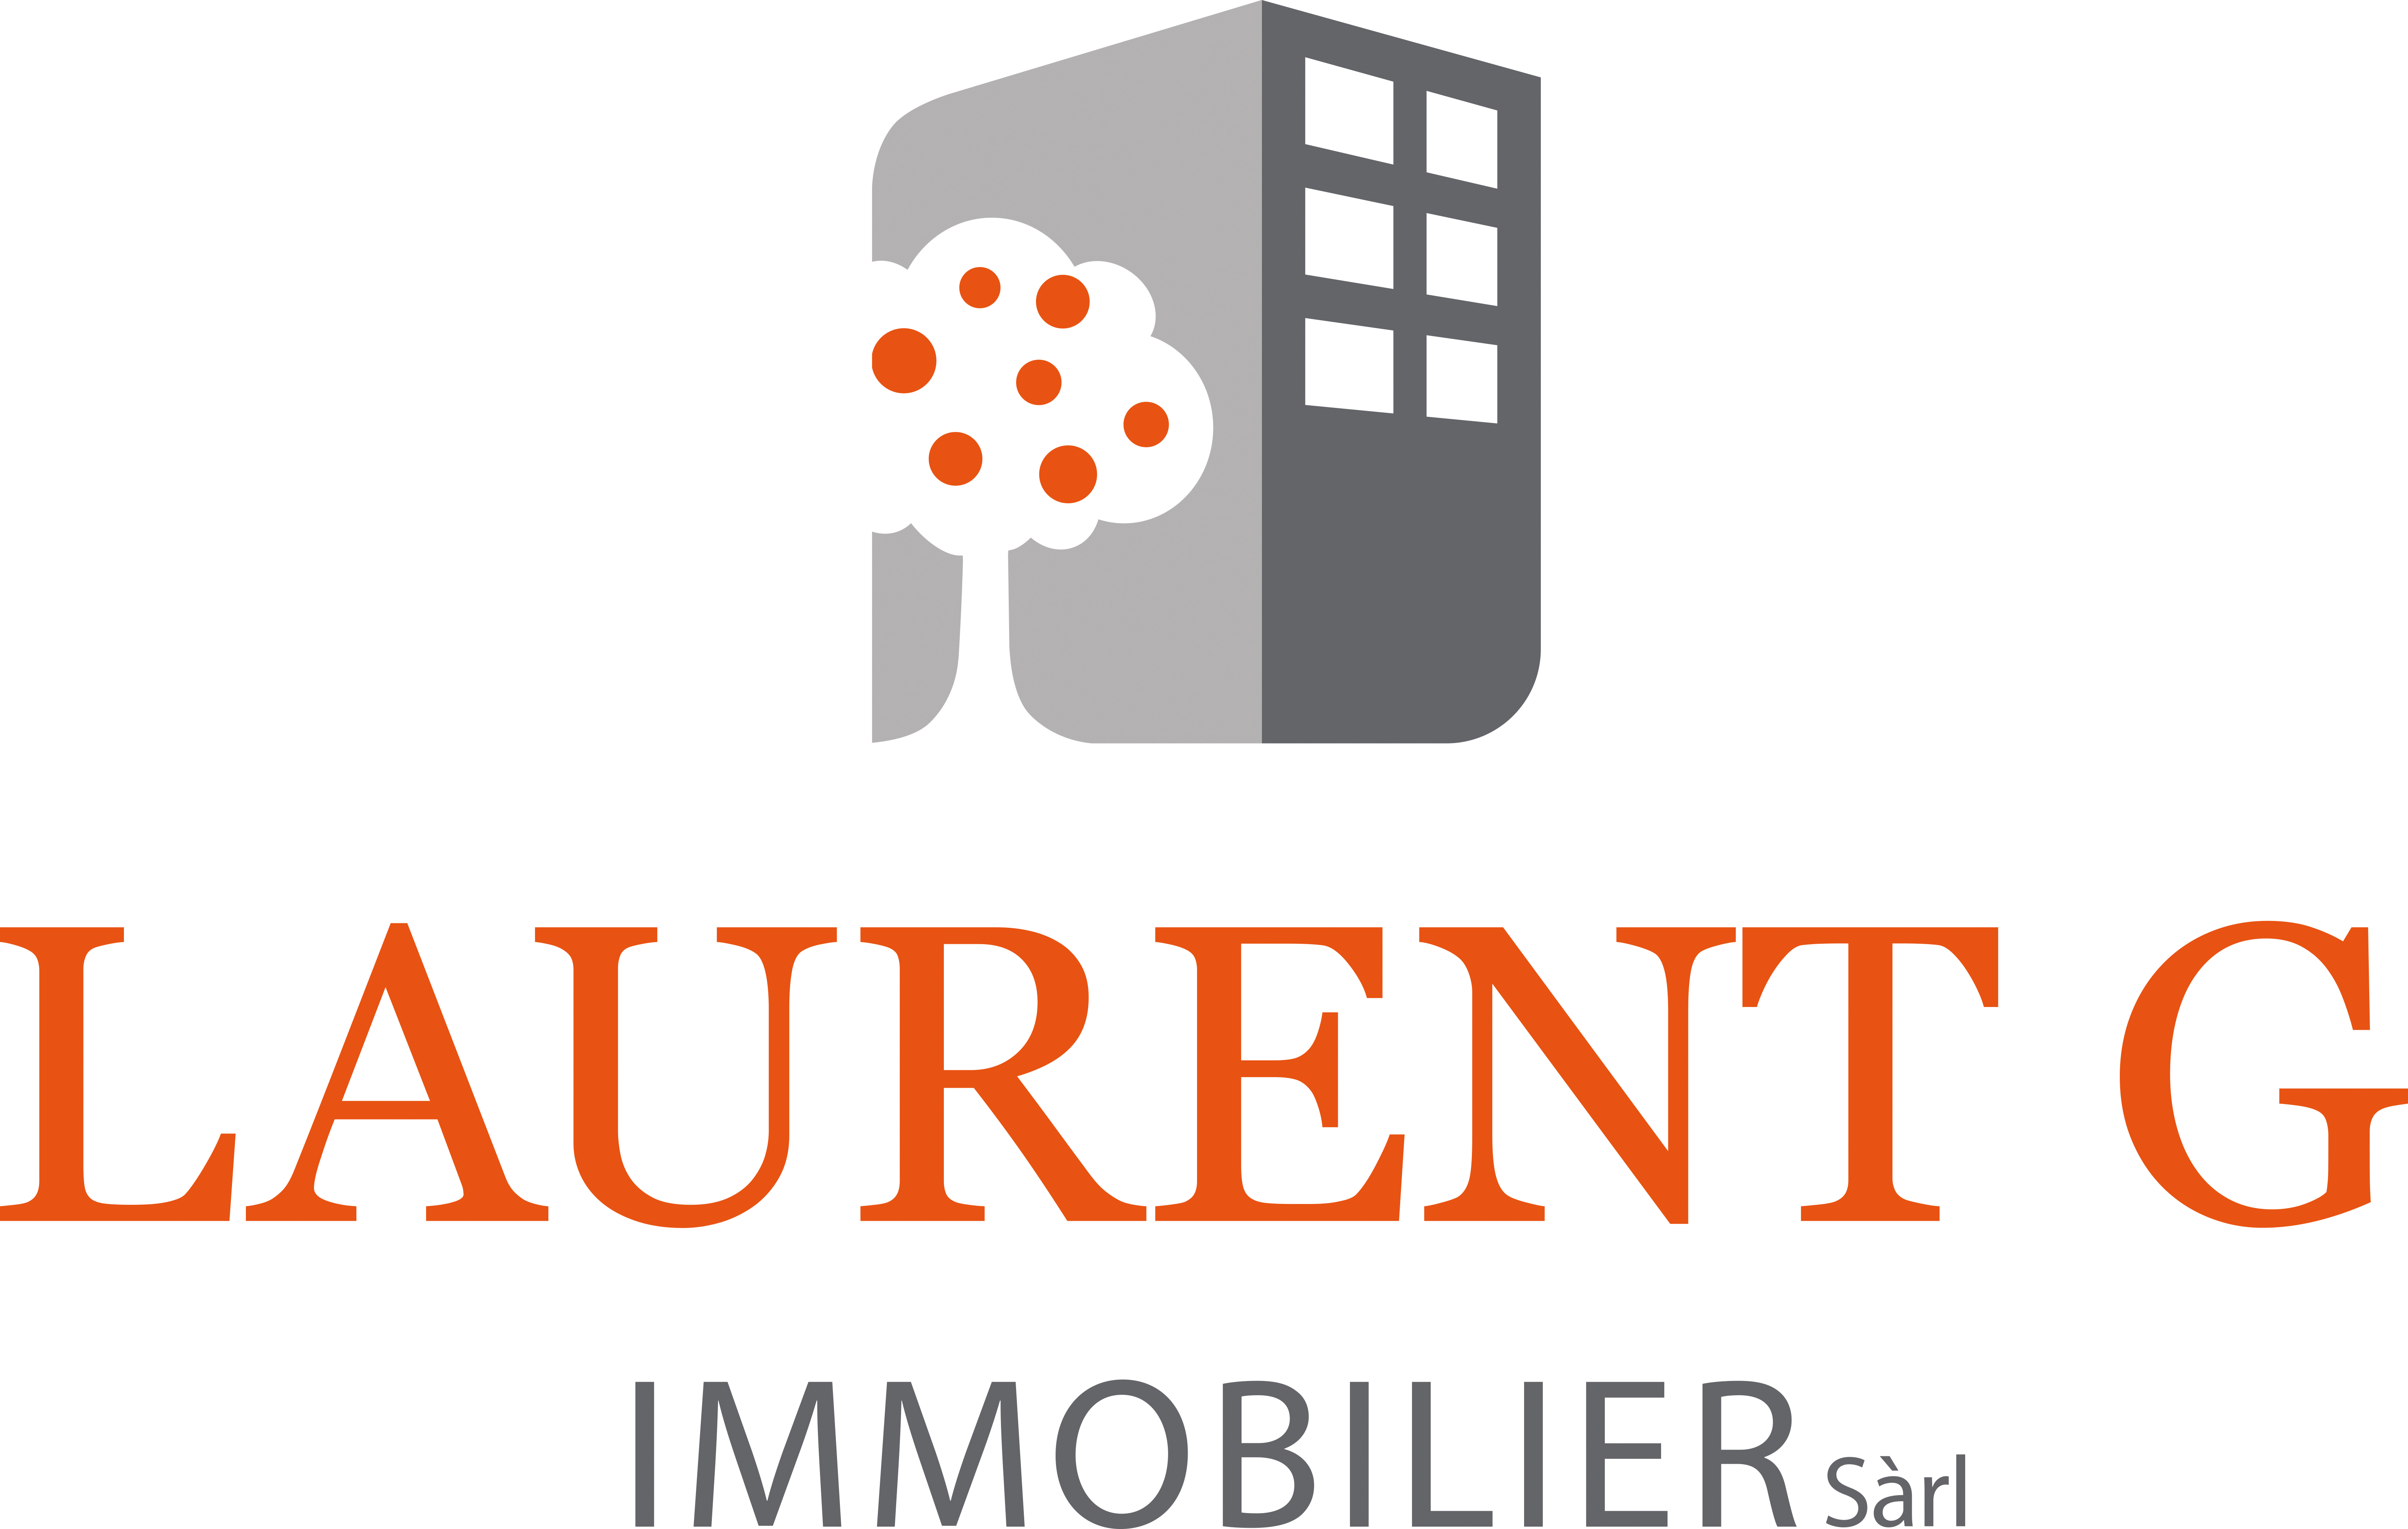 LAURENT G Immobilier Sàrl